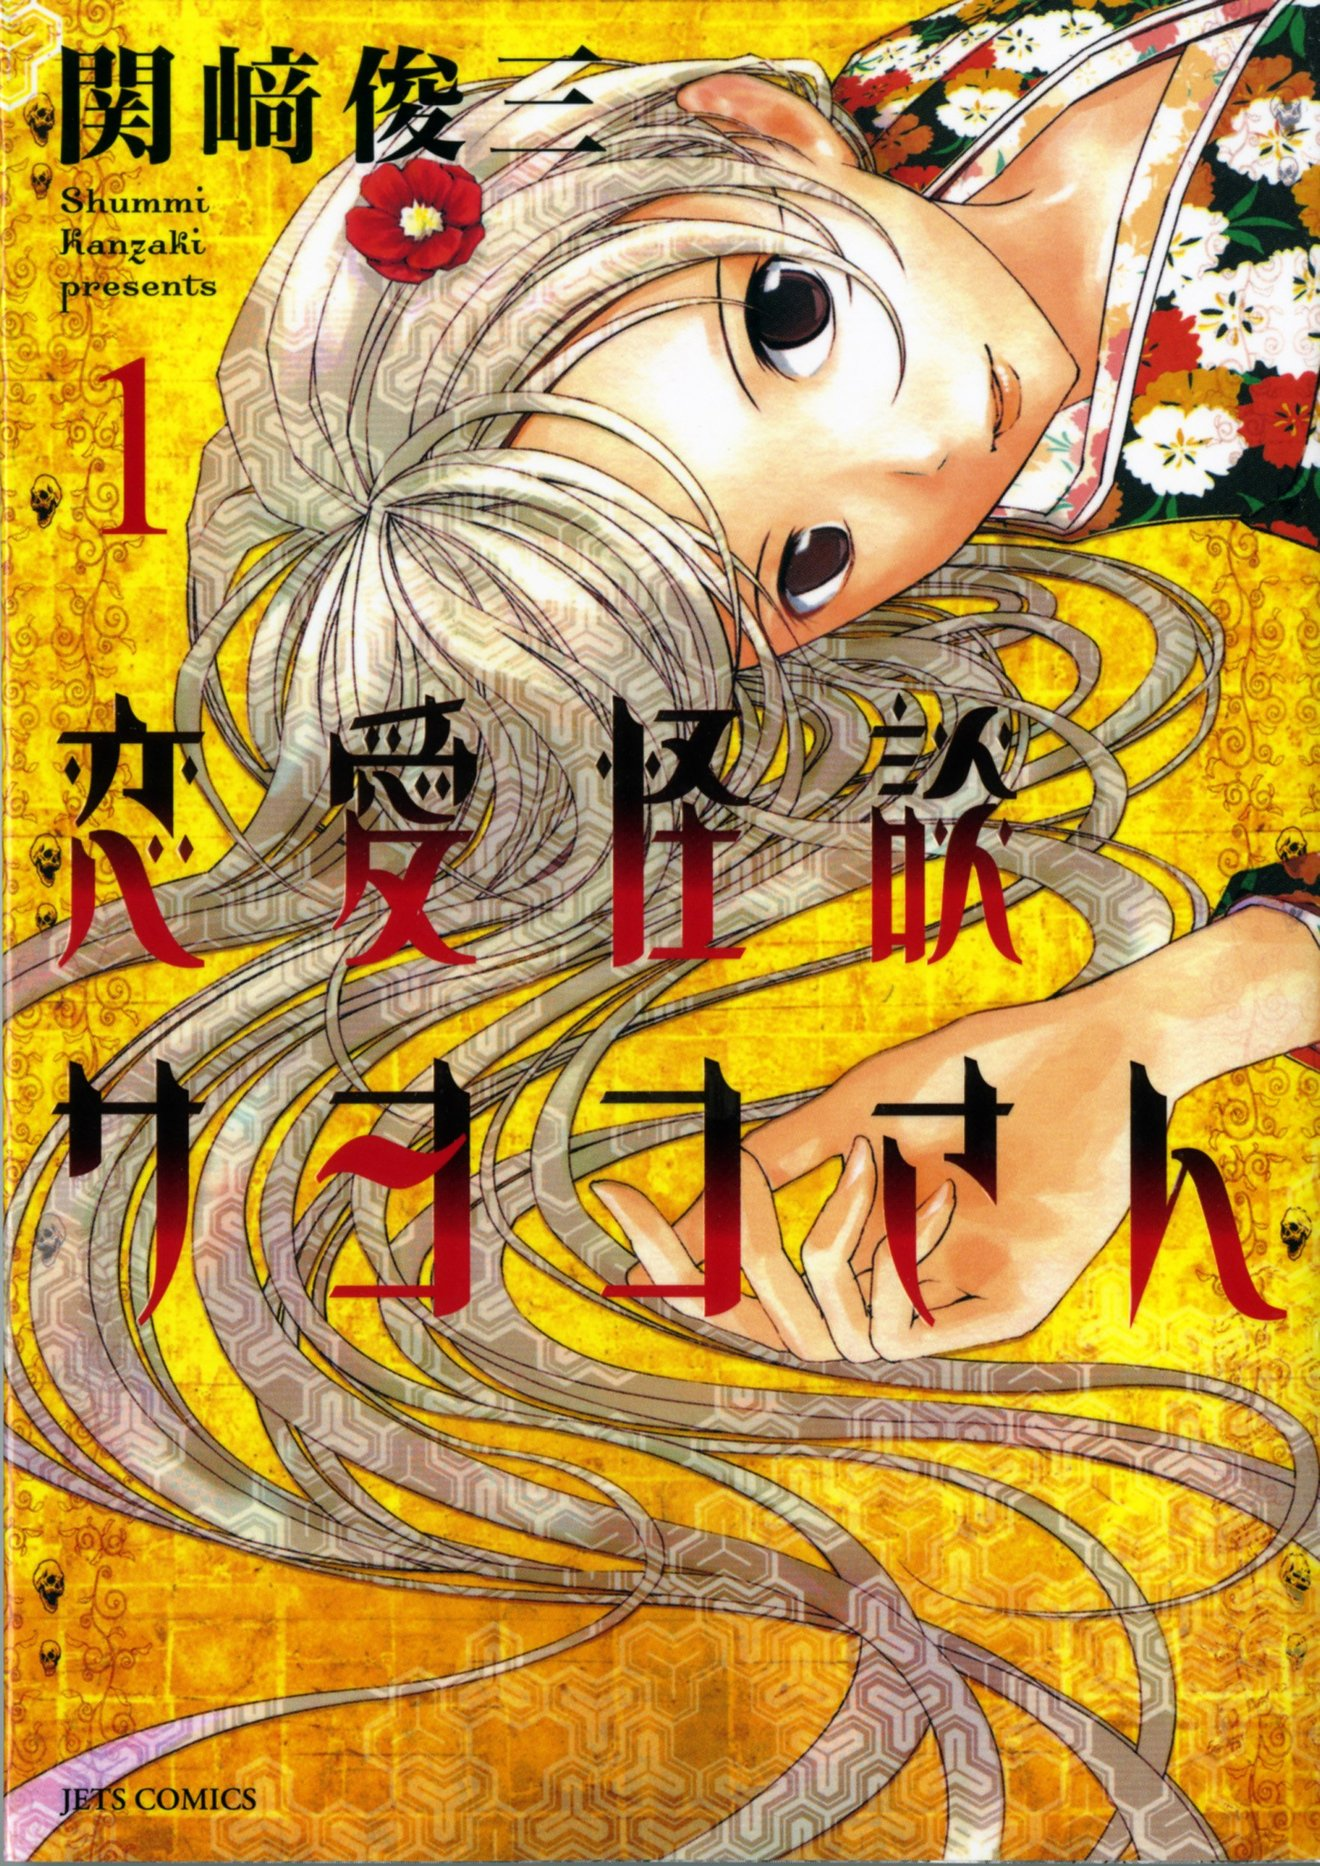 『恋愛怪談サヨコさん』が無料で読める!最終回までの見所をネタバレ紹介